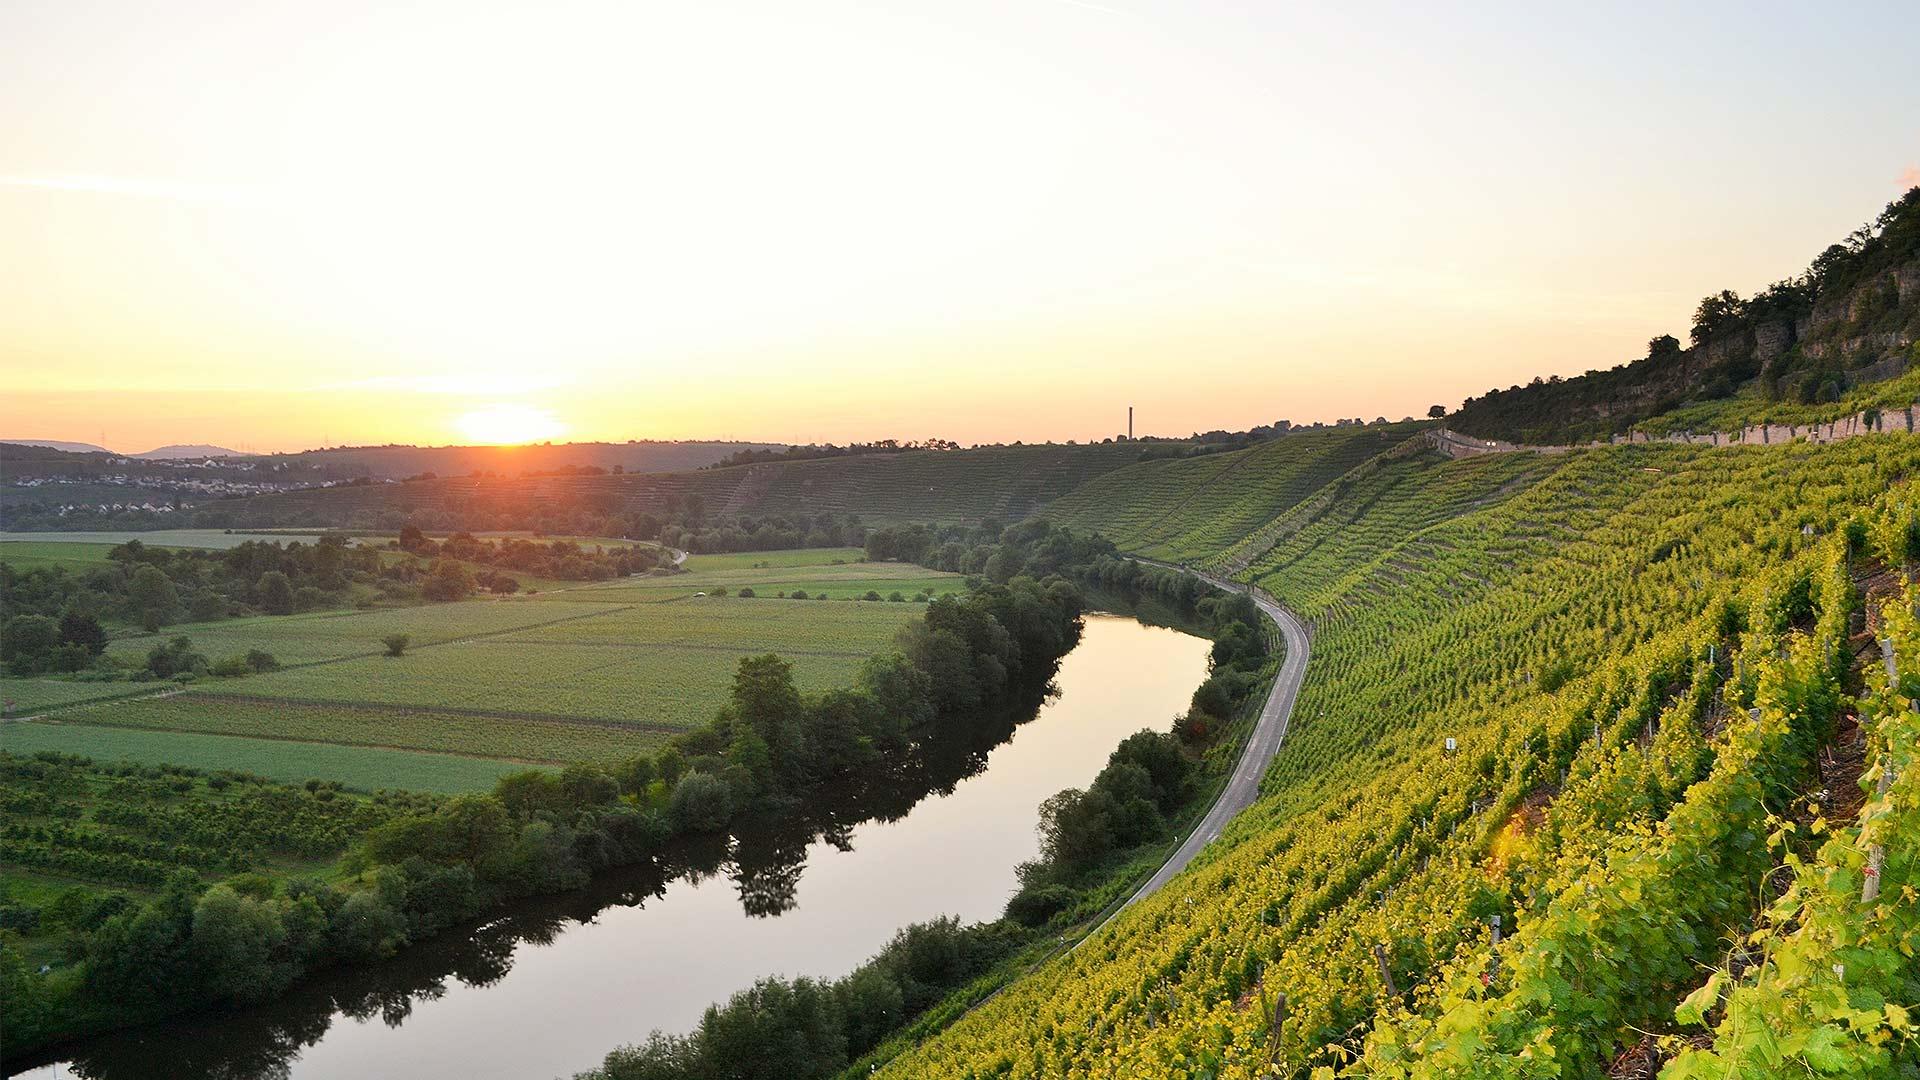 Home-weinblick-besigheim-Neckar-Sunset-Sonnenuntergang